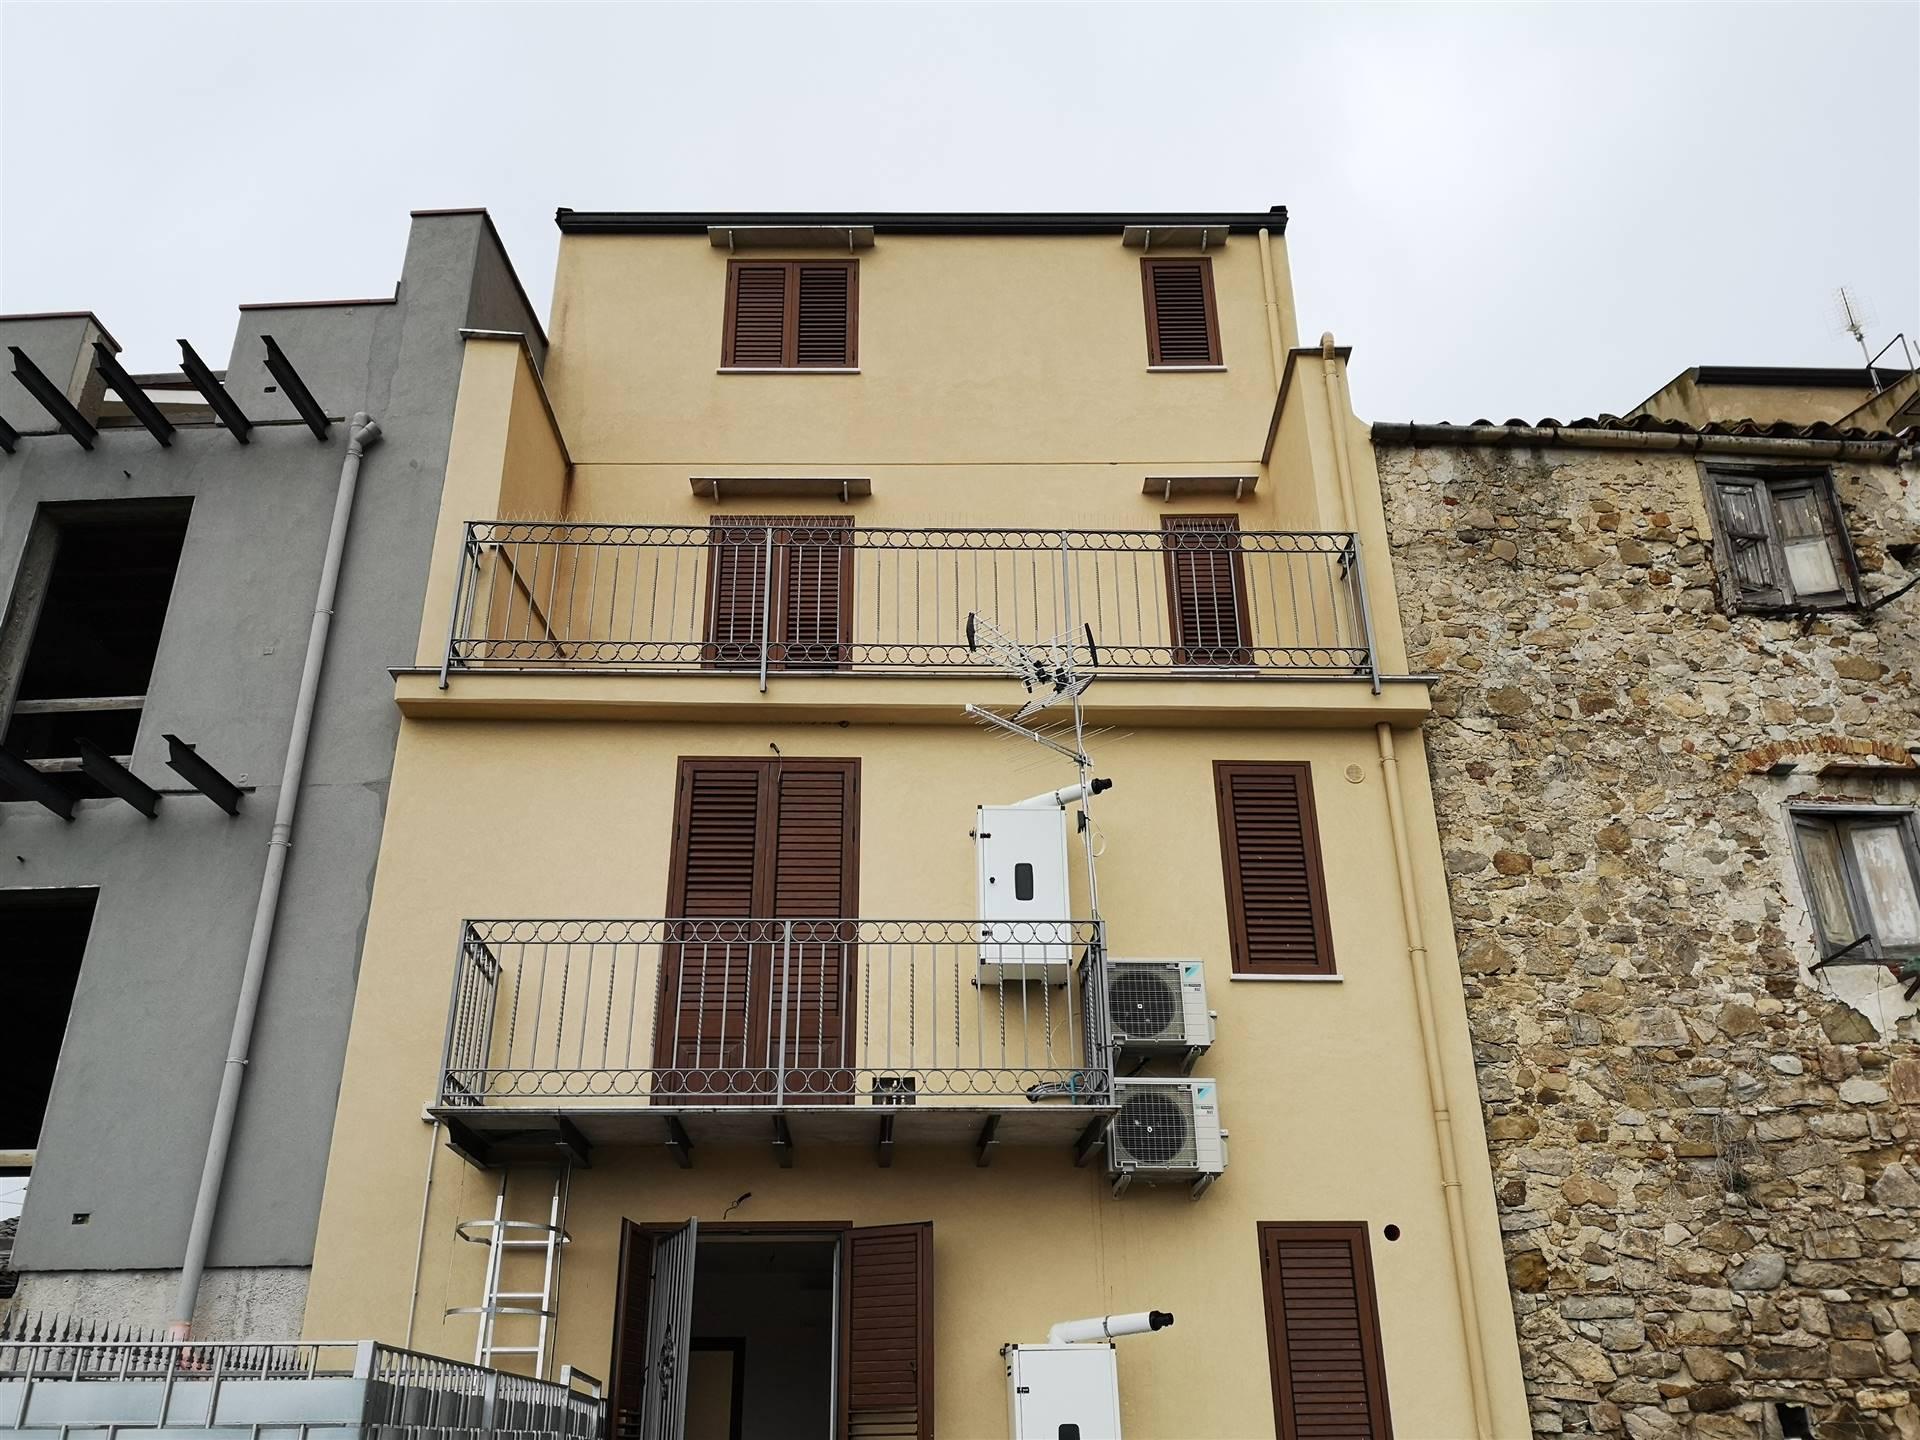 CACCAMO, Appartamento in affitto di 50 Mq, Ristrutturato, Riscaldamento Autonomo, Classe energetica: G, Epi: 137,8 kwh/m2 anno, composto da: 3 Vani,